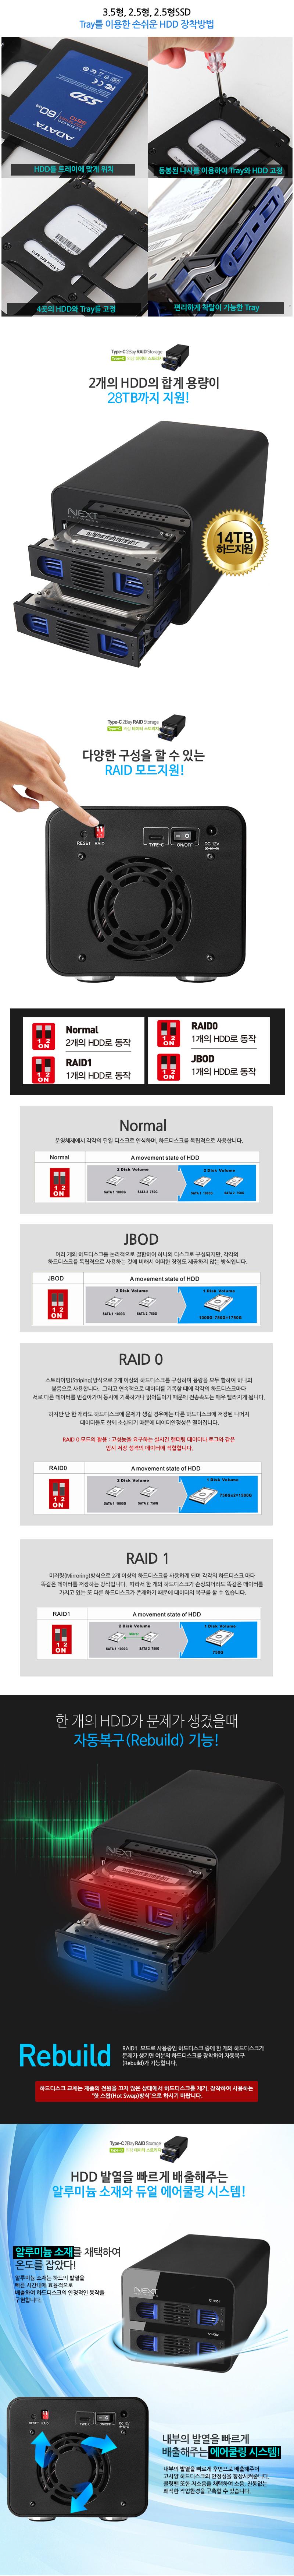 이지넷유비쿼터스 넥스트 NEXT-702TC RAID (8TB)